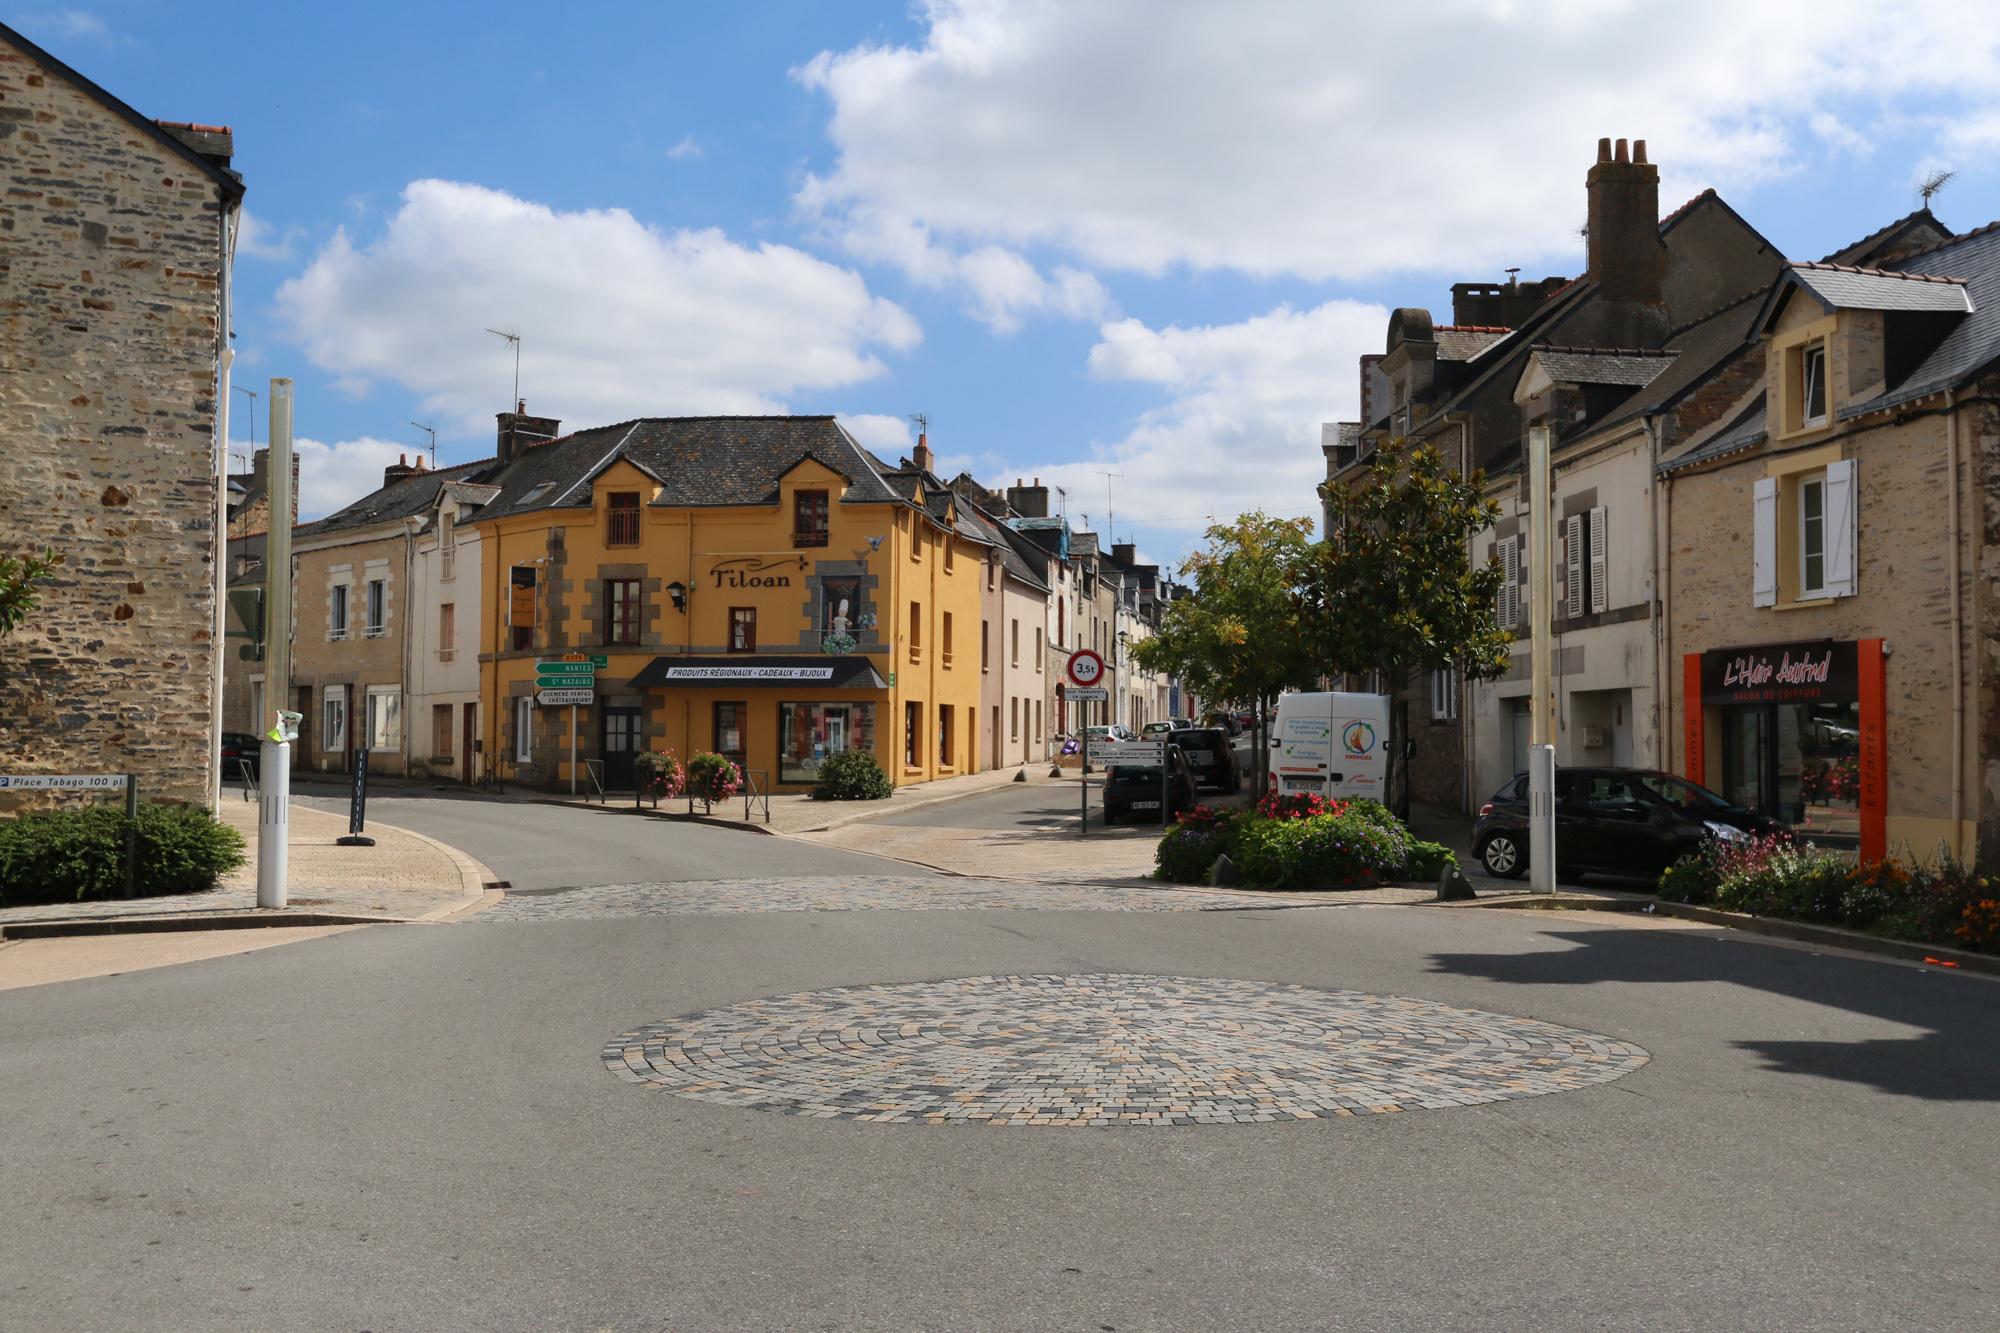 Saint-Nicolas-de-Redon